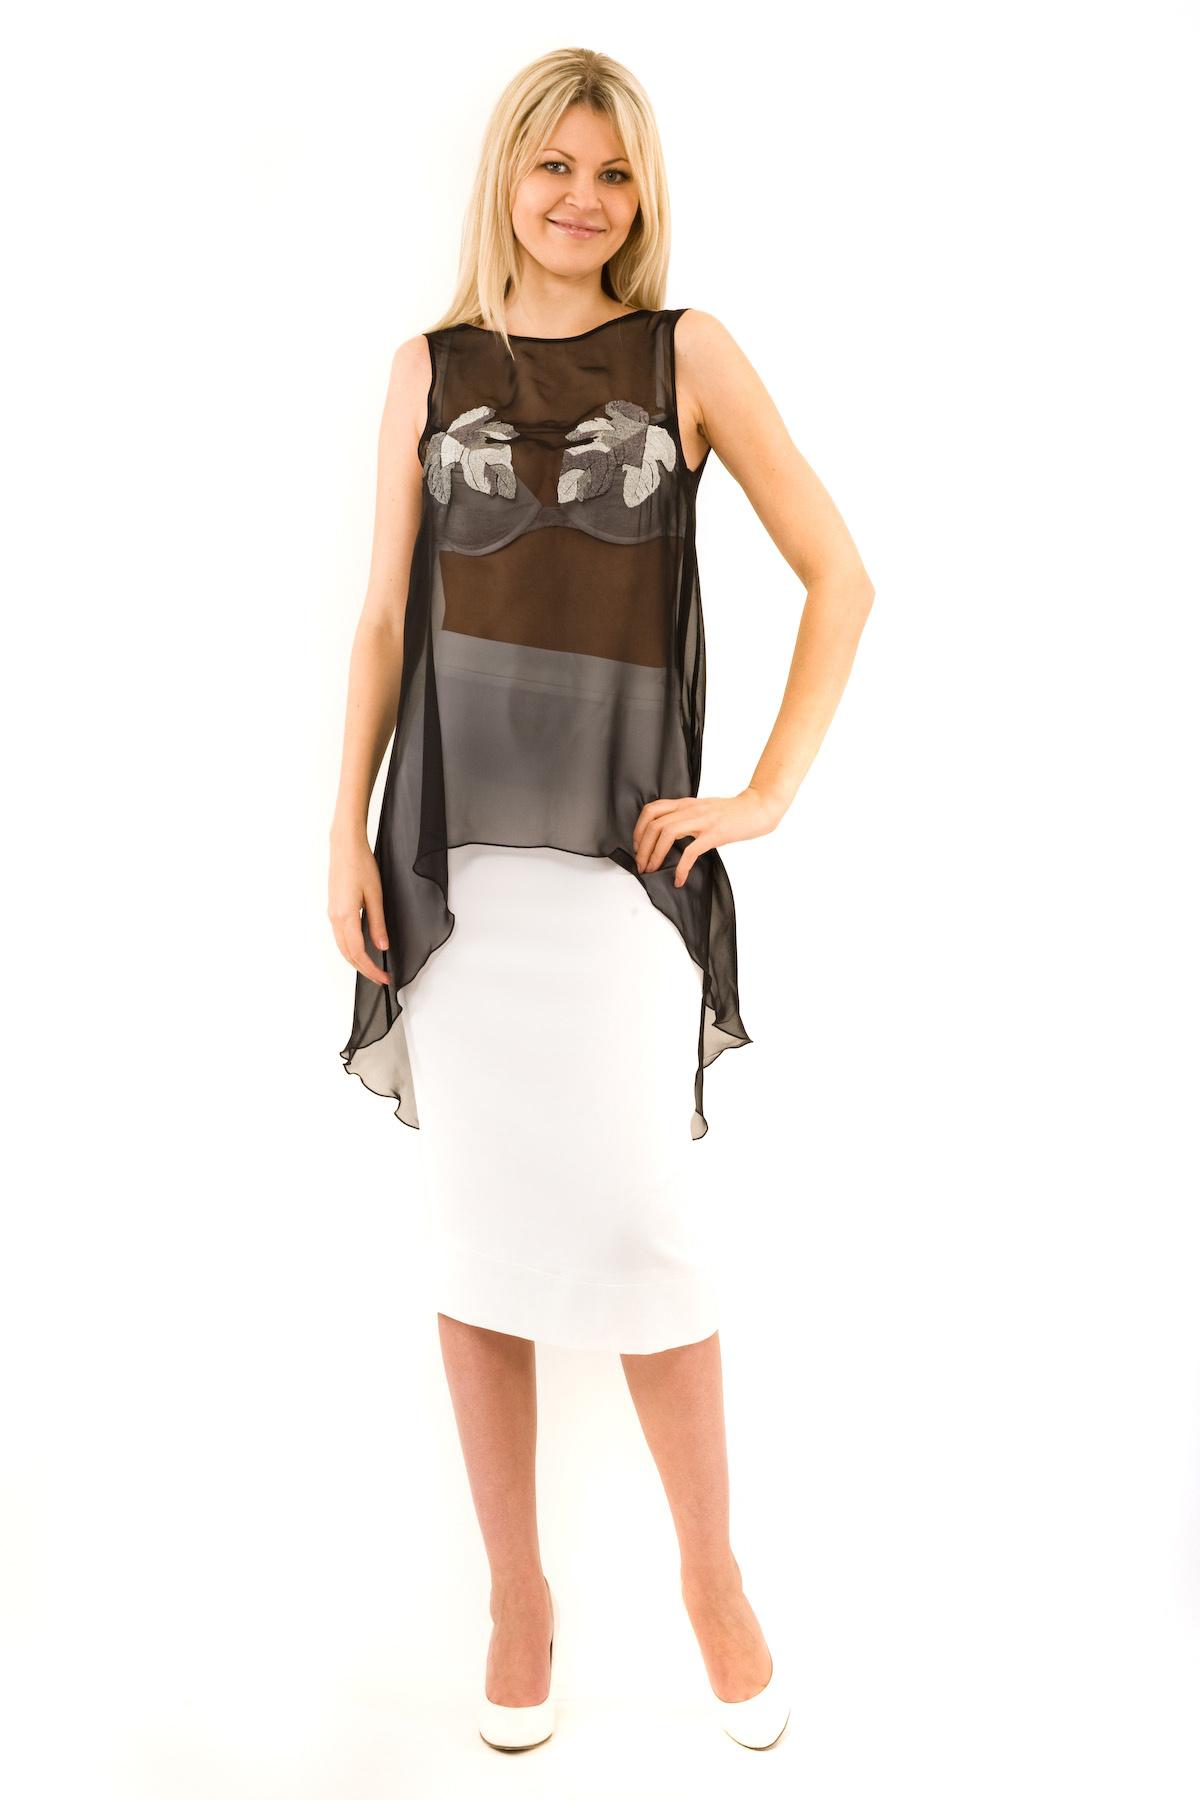 БлузаЖенские блузки<br>Эффектная блузка Doctor E элегантного лаконичного дизайна. Модель выполнена из легкого полупрозрачного материала. Восхитительное дополнение к Вашему повседневному гардеробу.<br><br>Цвет: черный<br>Состав: 100% полиэстер<br>Размер: 40,42,48,50,54<br>Страна дизайна: Россия<br>Страна производства: Россия